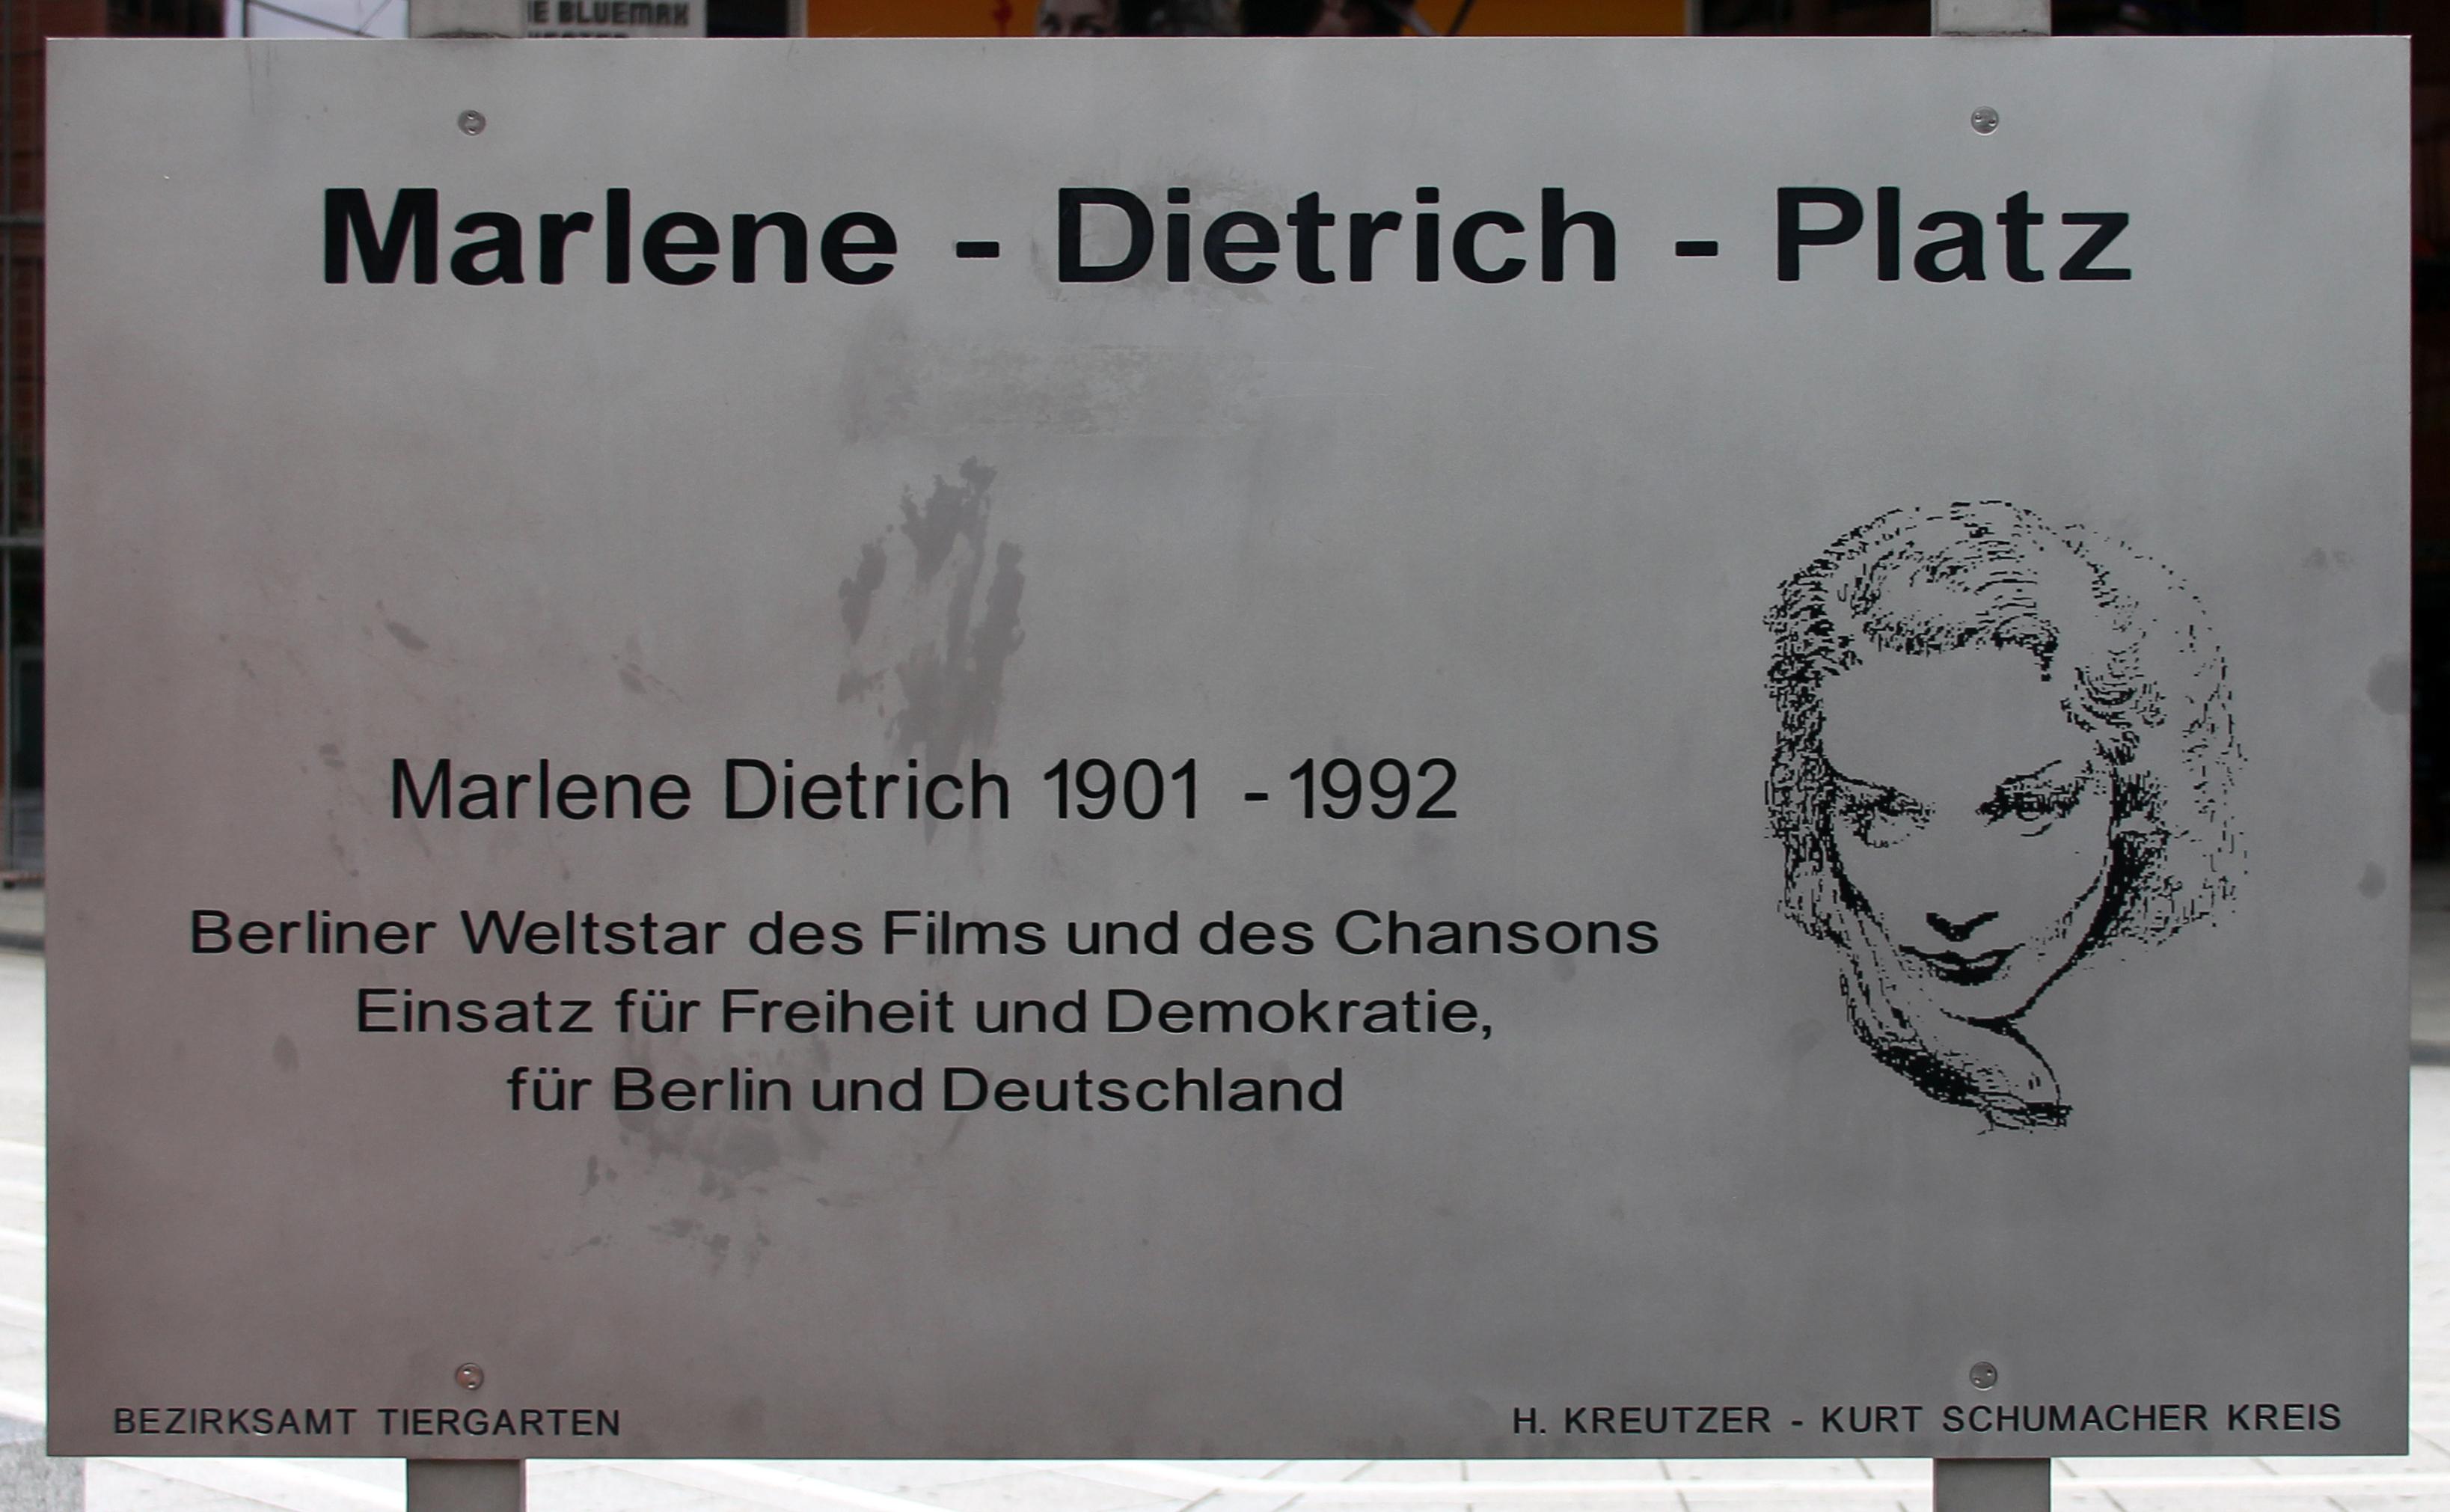 marlene dietrich platz 4 berlin